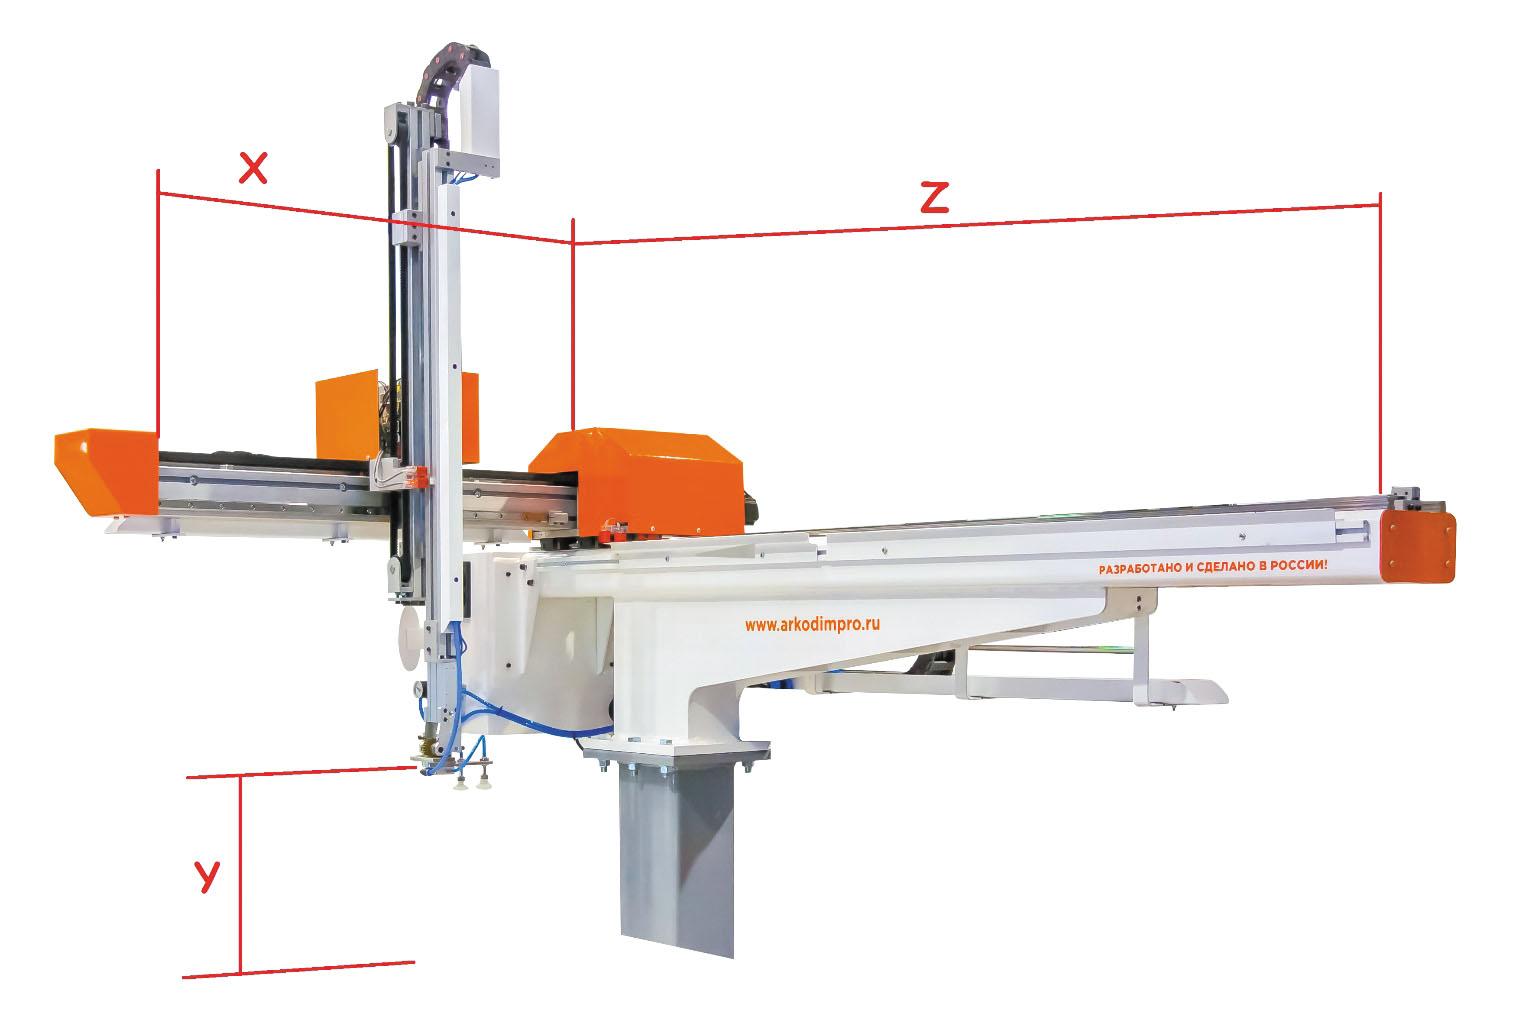 Рис. 5. Схема трех основных осей робота ARKODIM